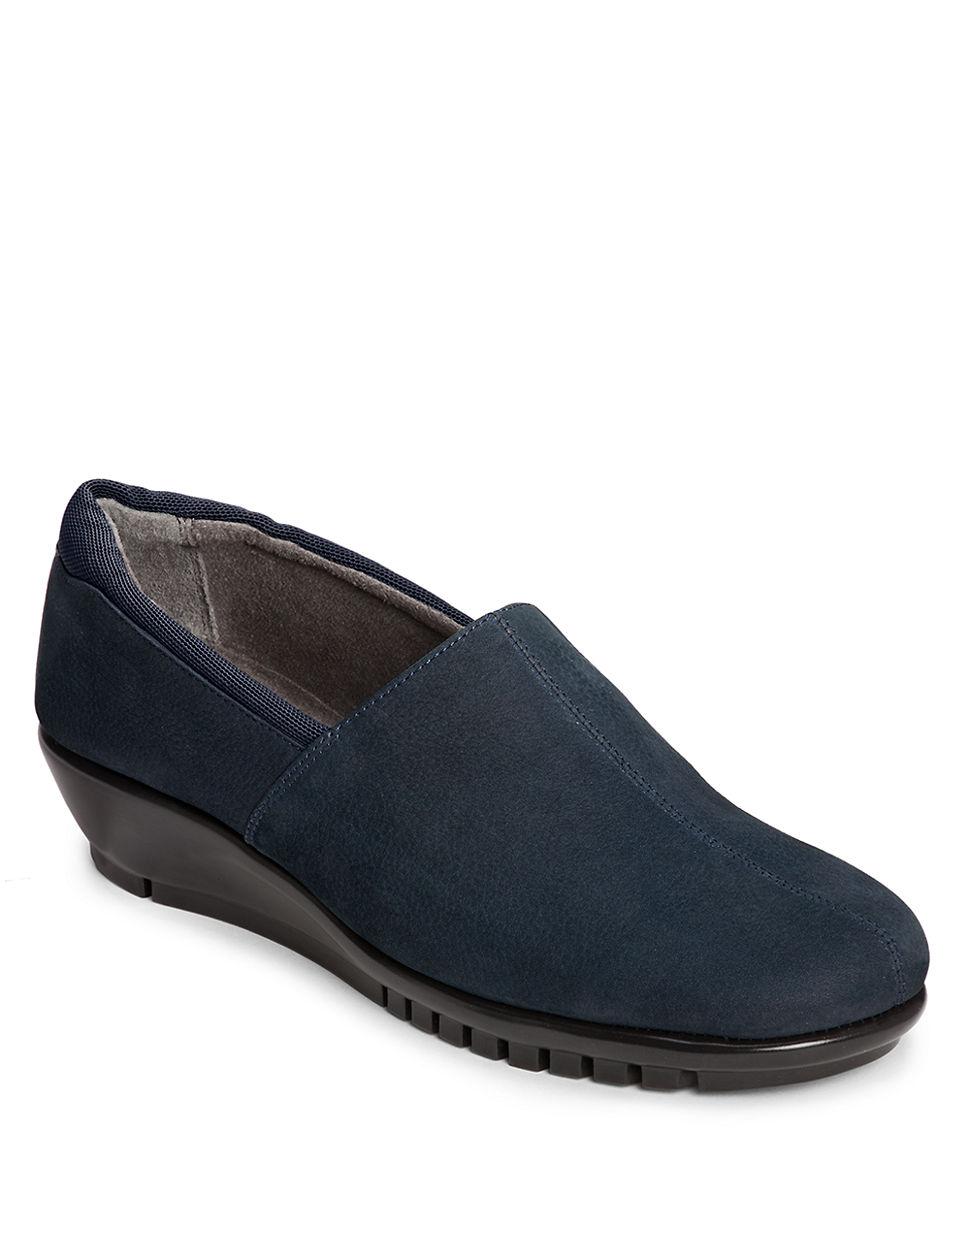 fd21b18aaa89 Aerosole Sandals  Aerosole Slip On Sandals